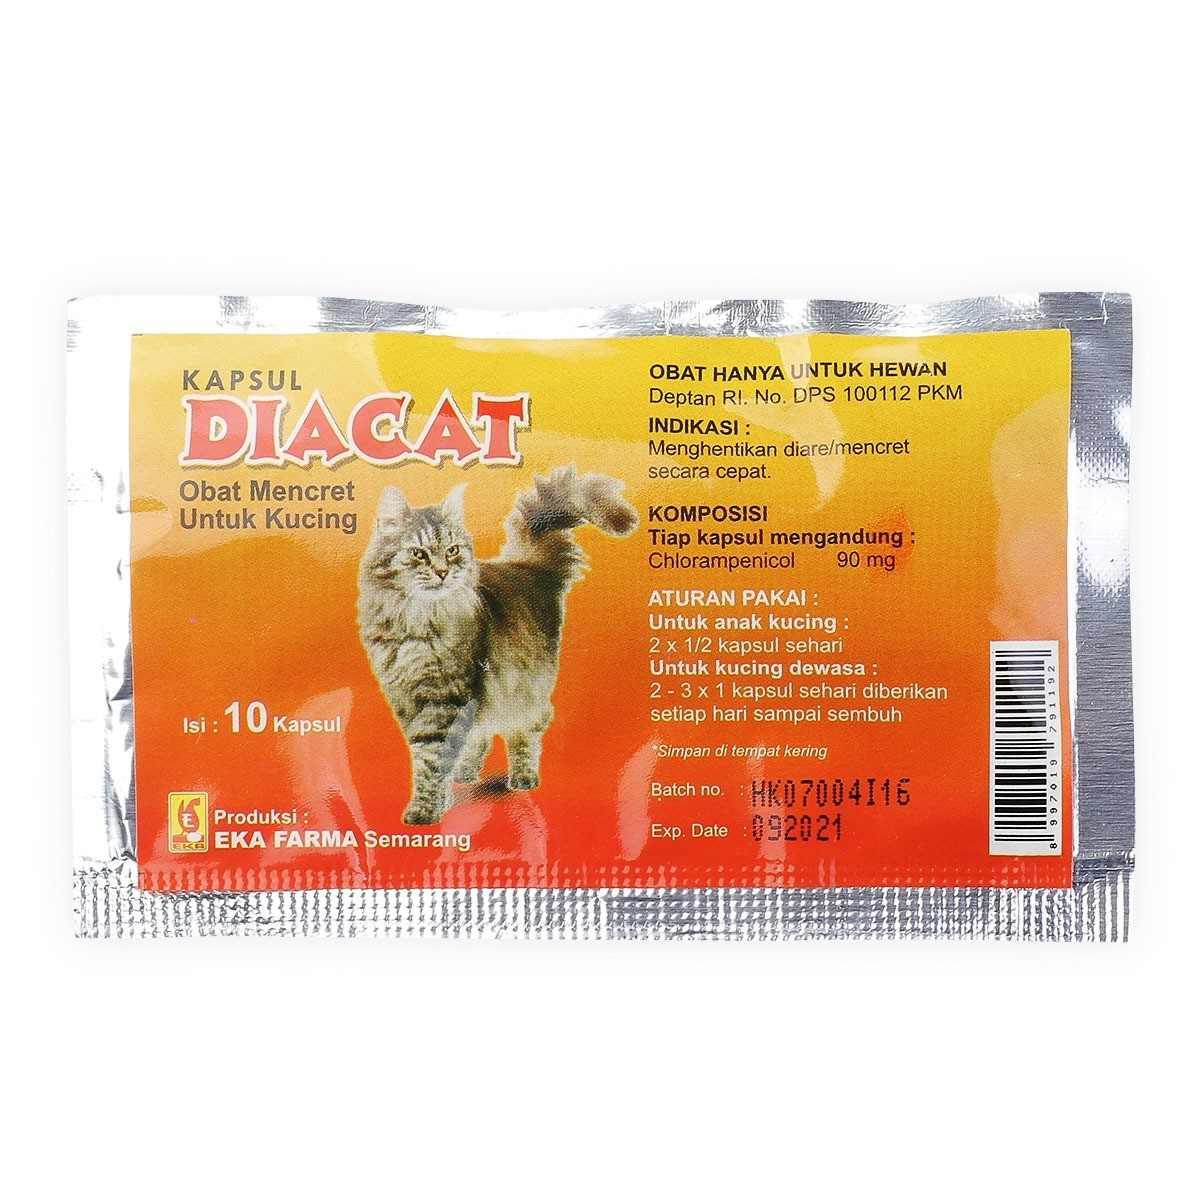 obat diare untuk kucing